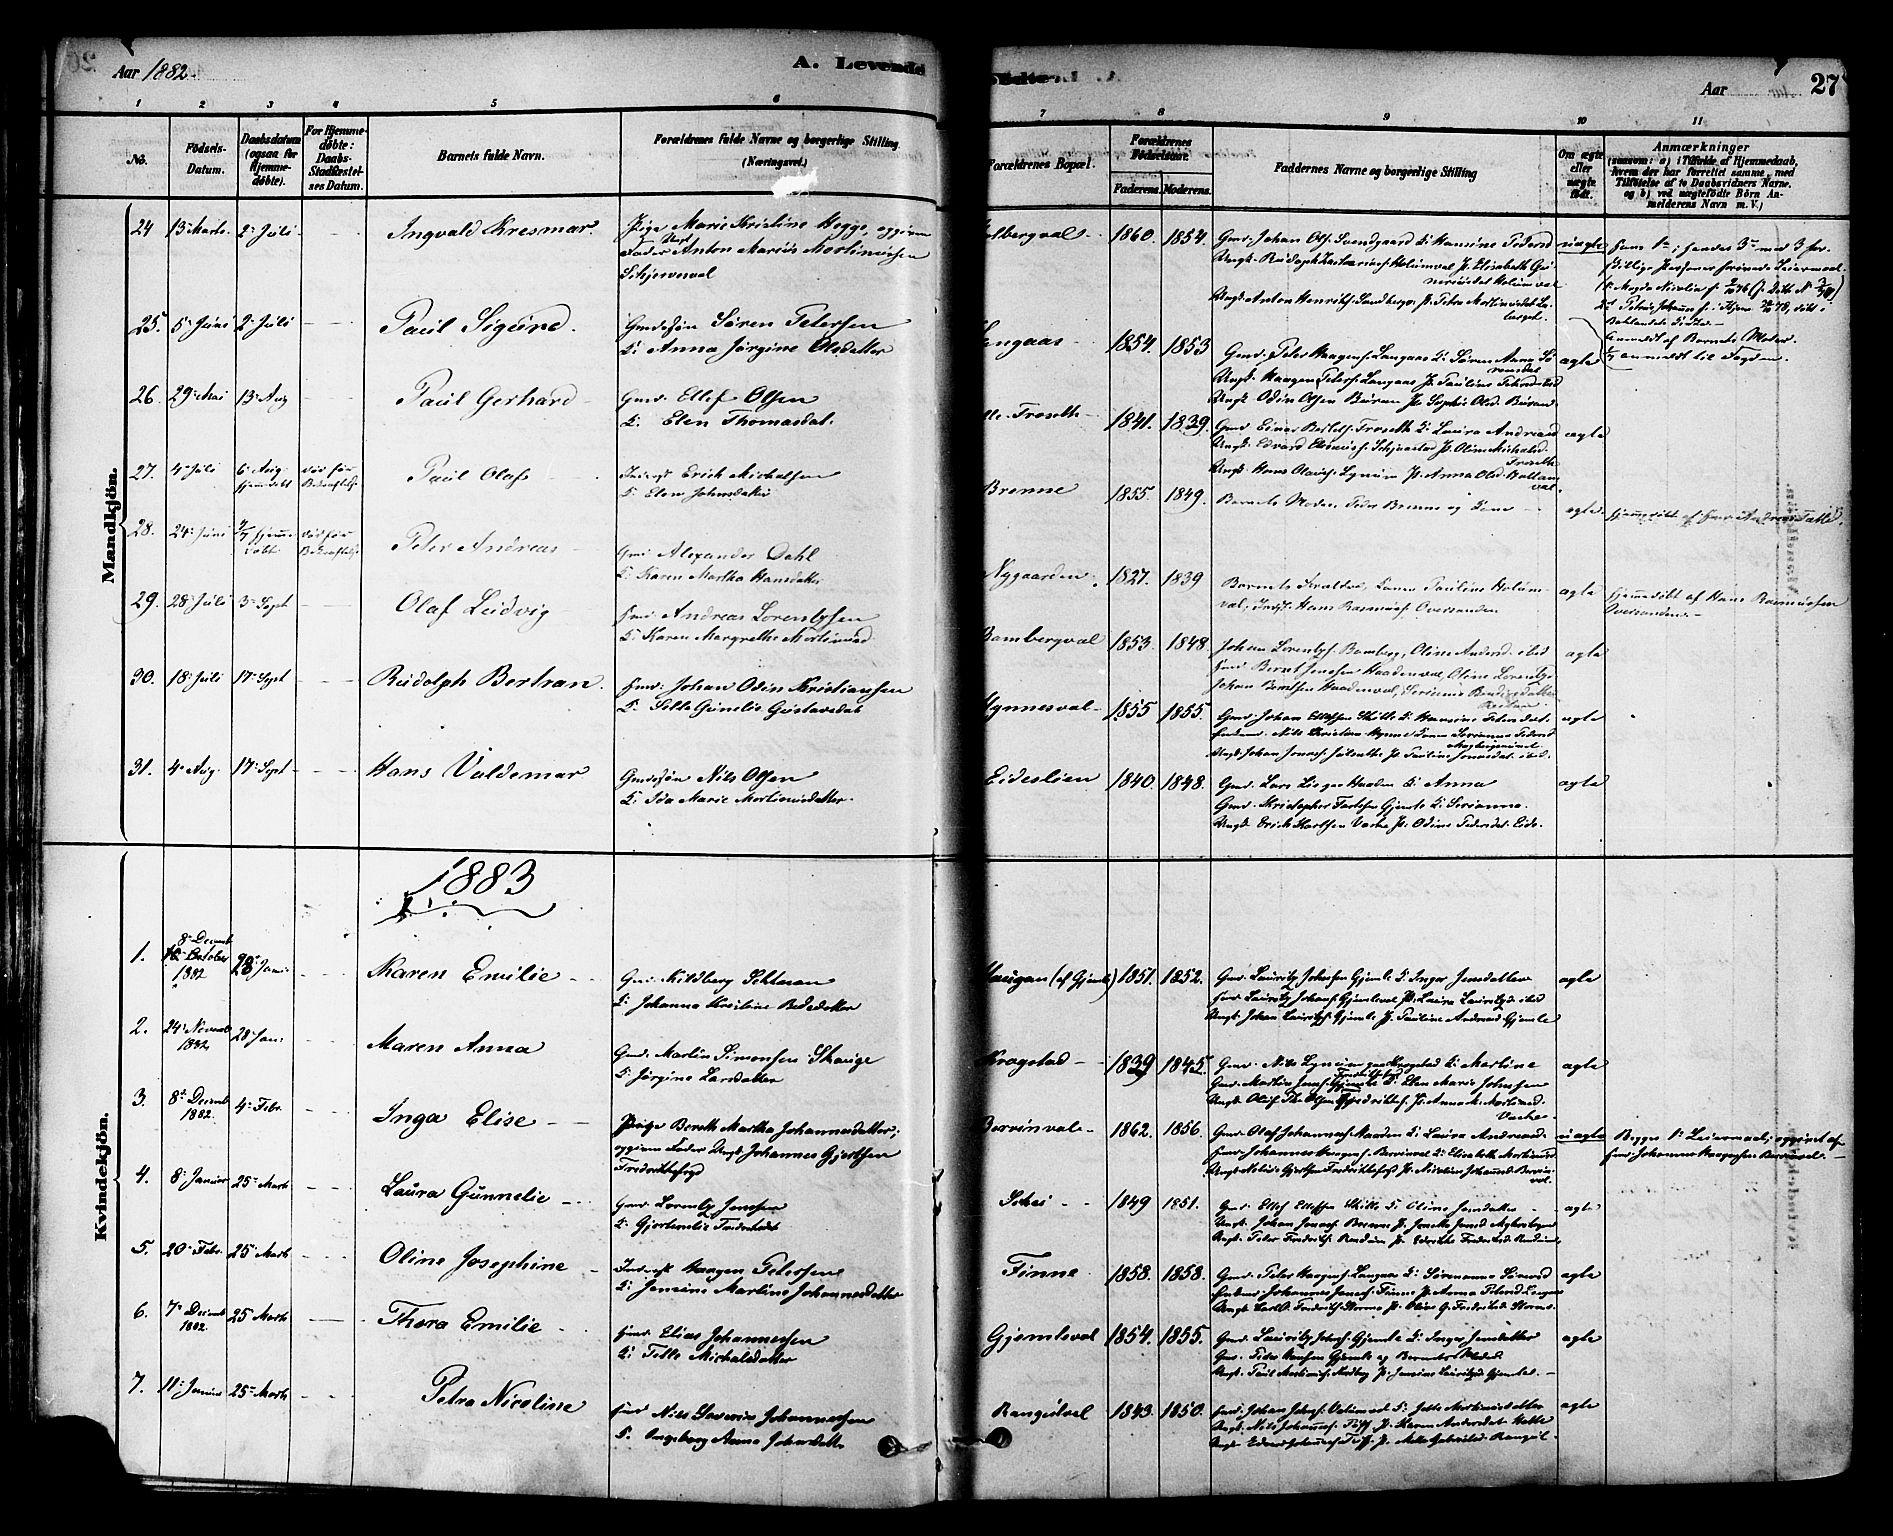 SAT, Ministerialprotokoller, klokkerbøker og fødselsregistre - Nord-Trøndelag, 717/L0159: Ministerialbok nr. 717A09, 1878-1898, s. 27